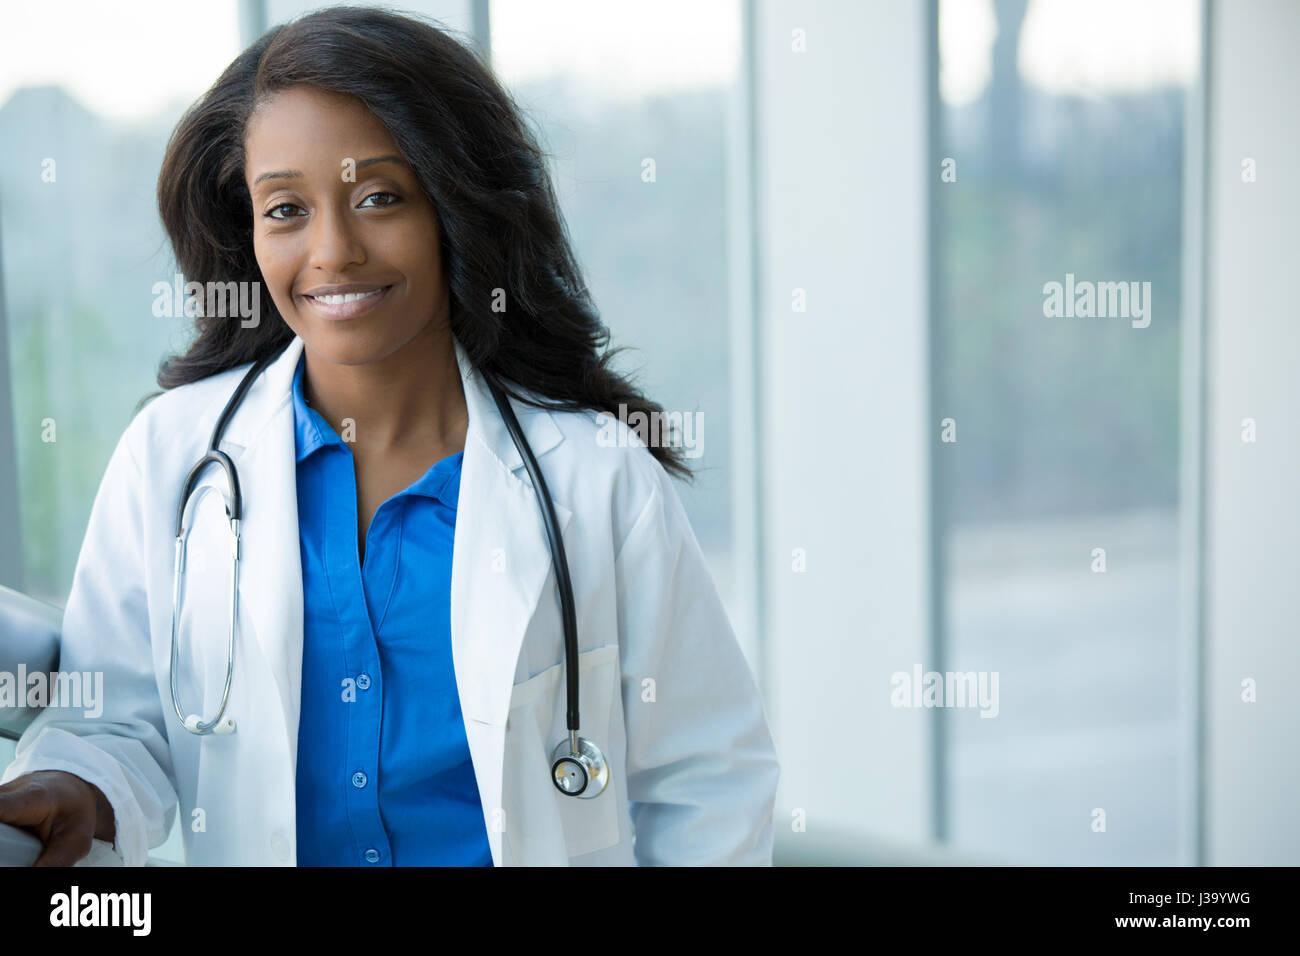 Closeup retrato de agradable, sonriente, seguro de salud femenina con bata de laboratorio profesional, el estetoscopio, brazos cruzados. Hospital clínico aislado atrás Foto de stock